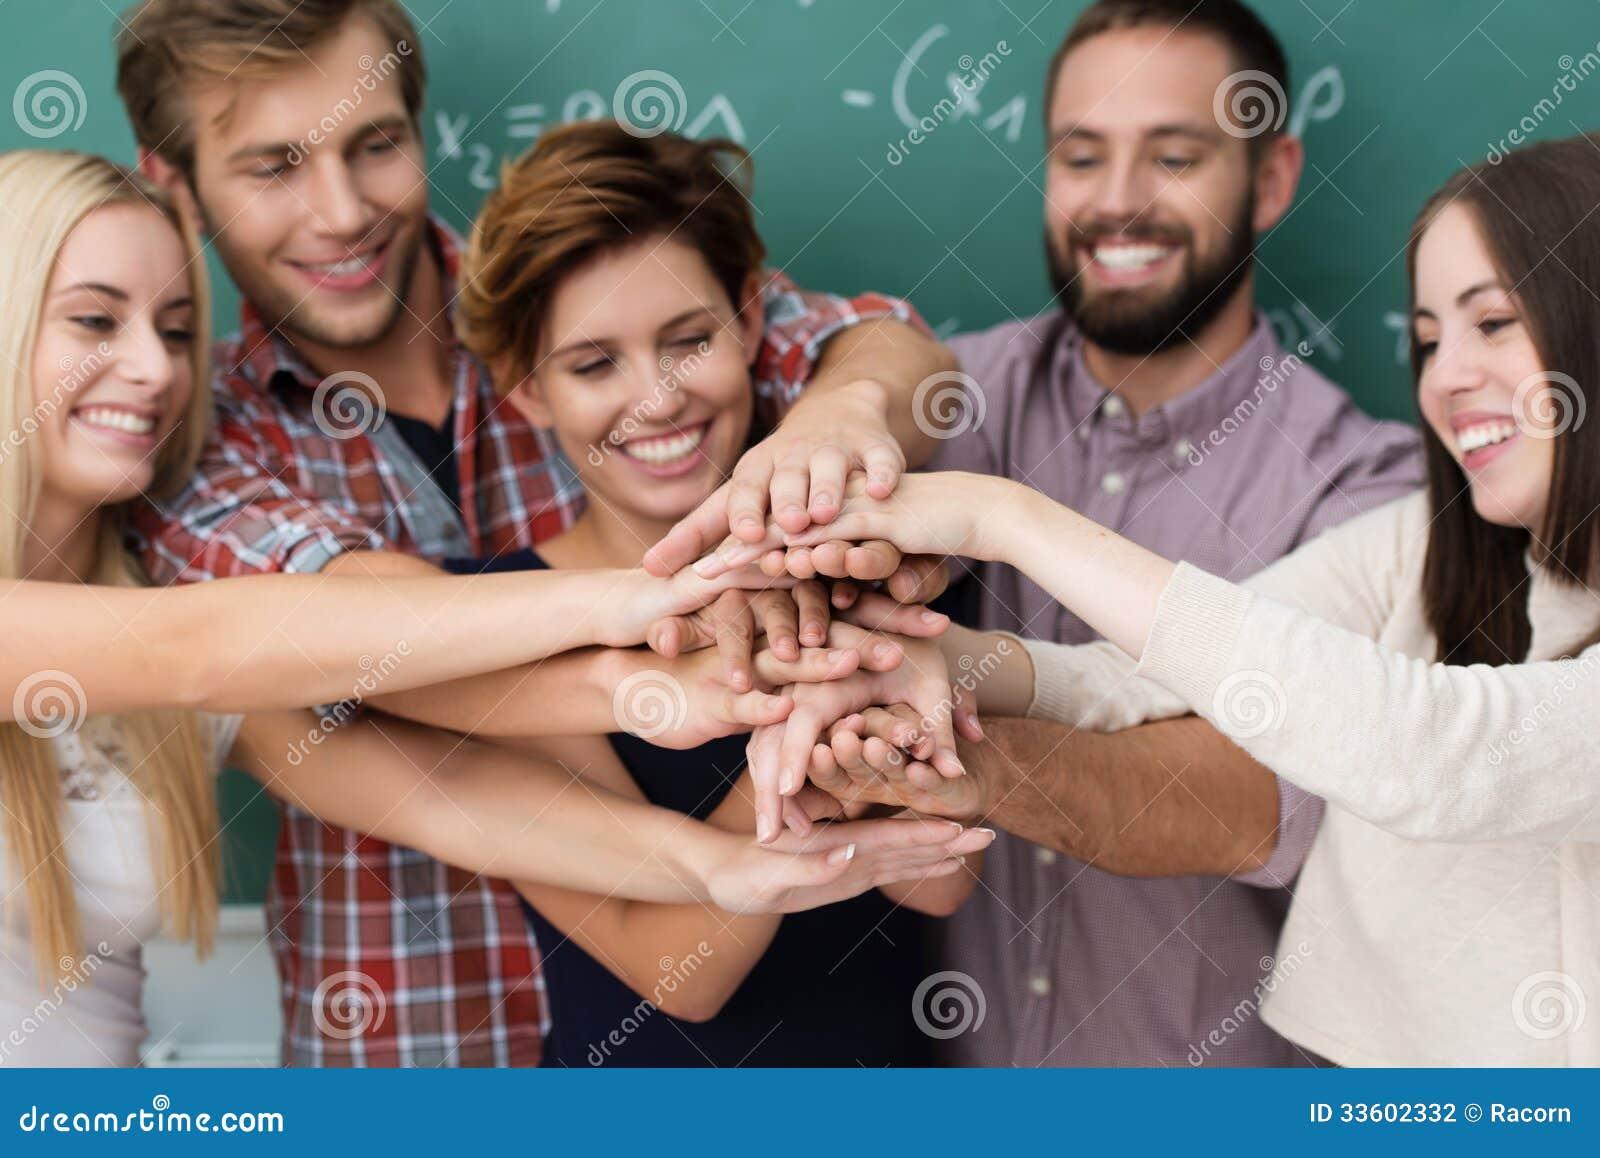 Lavoro di squadra e collaborazione fra gli studenti